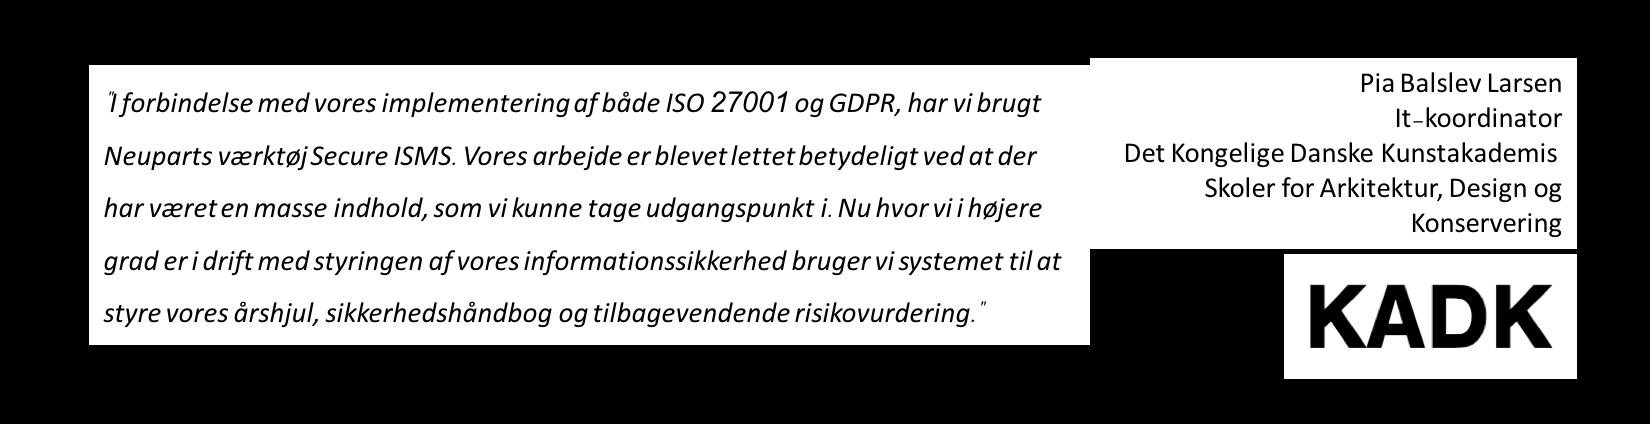 ISO 27001 - GDPR - Årshjul, sikkerhedshåndbog og risikostyring